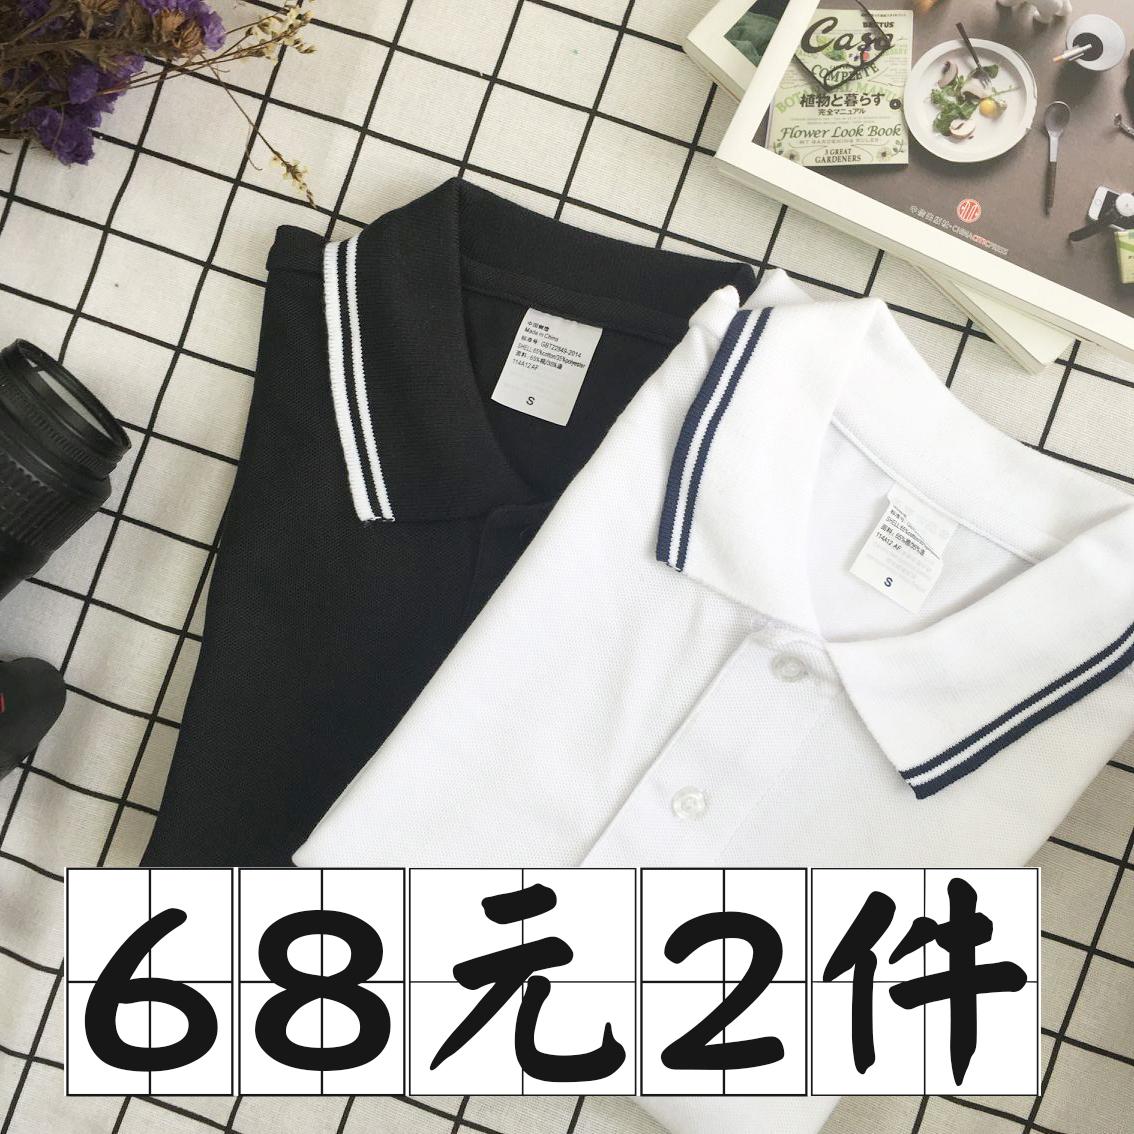 【小白家】夏日系短袖polo衫男女情侣t恤大码保罗衫团队活动定制